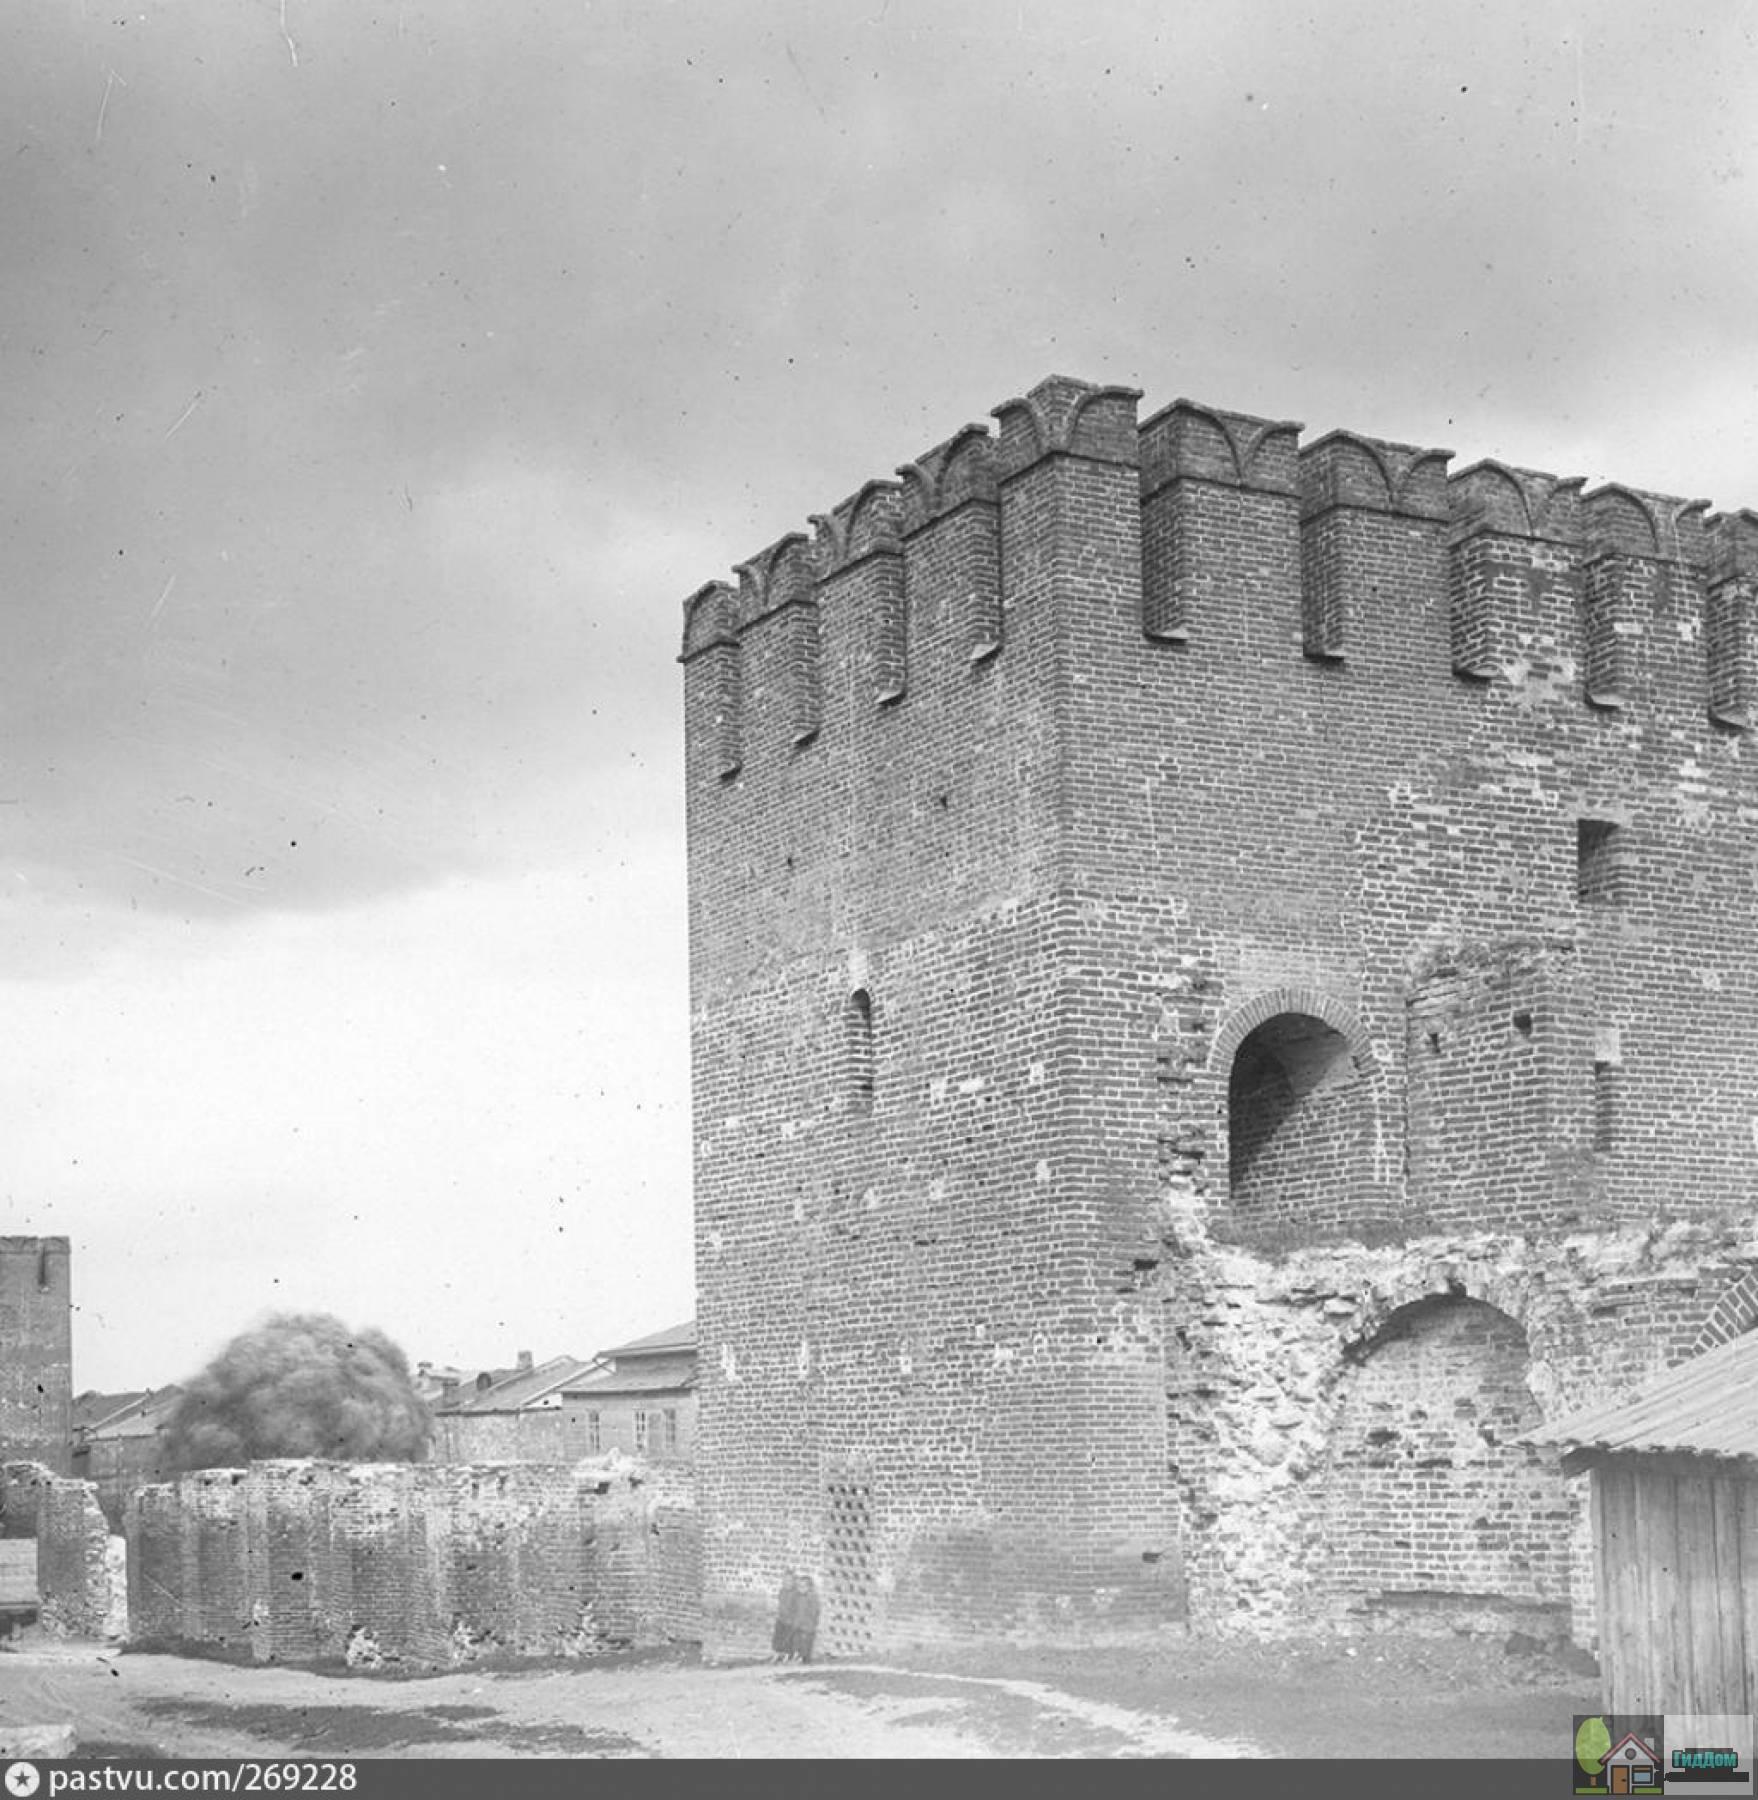 Спасская башня в 1905 году. Снимок загружен из открытых источников. Автор неизвестен.